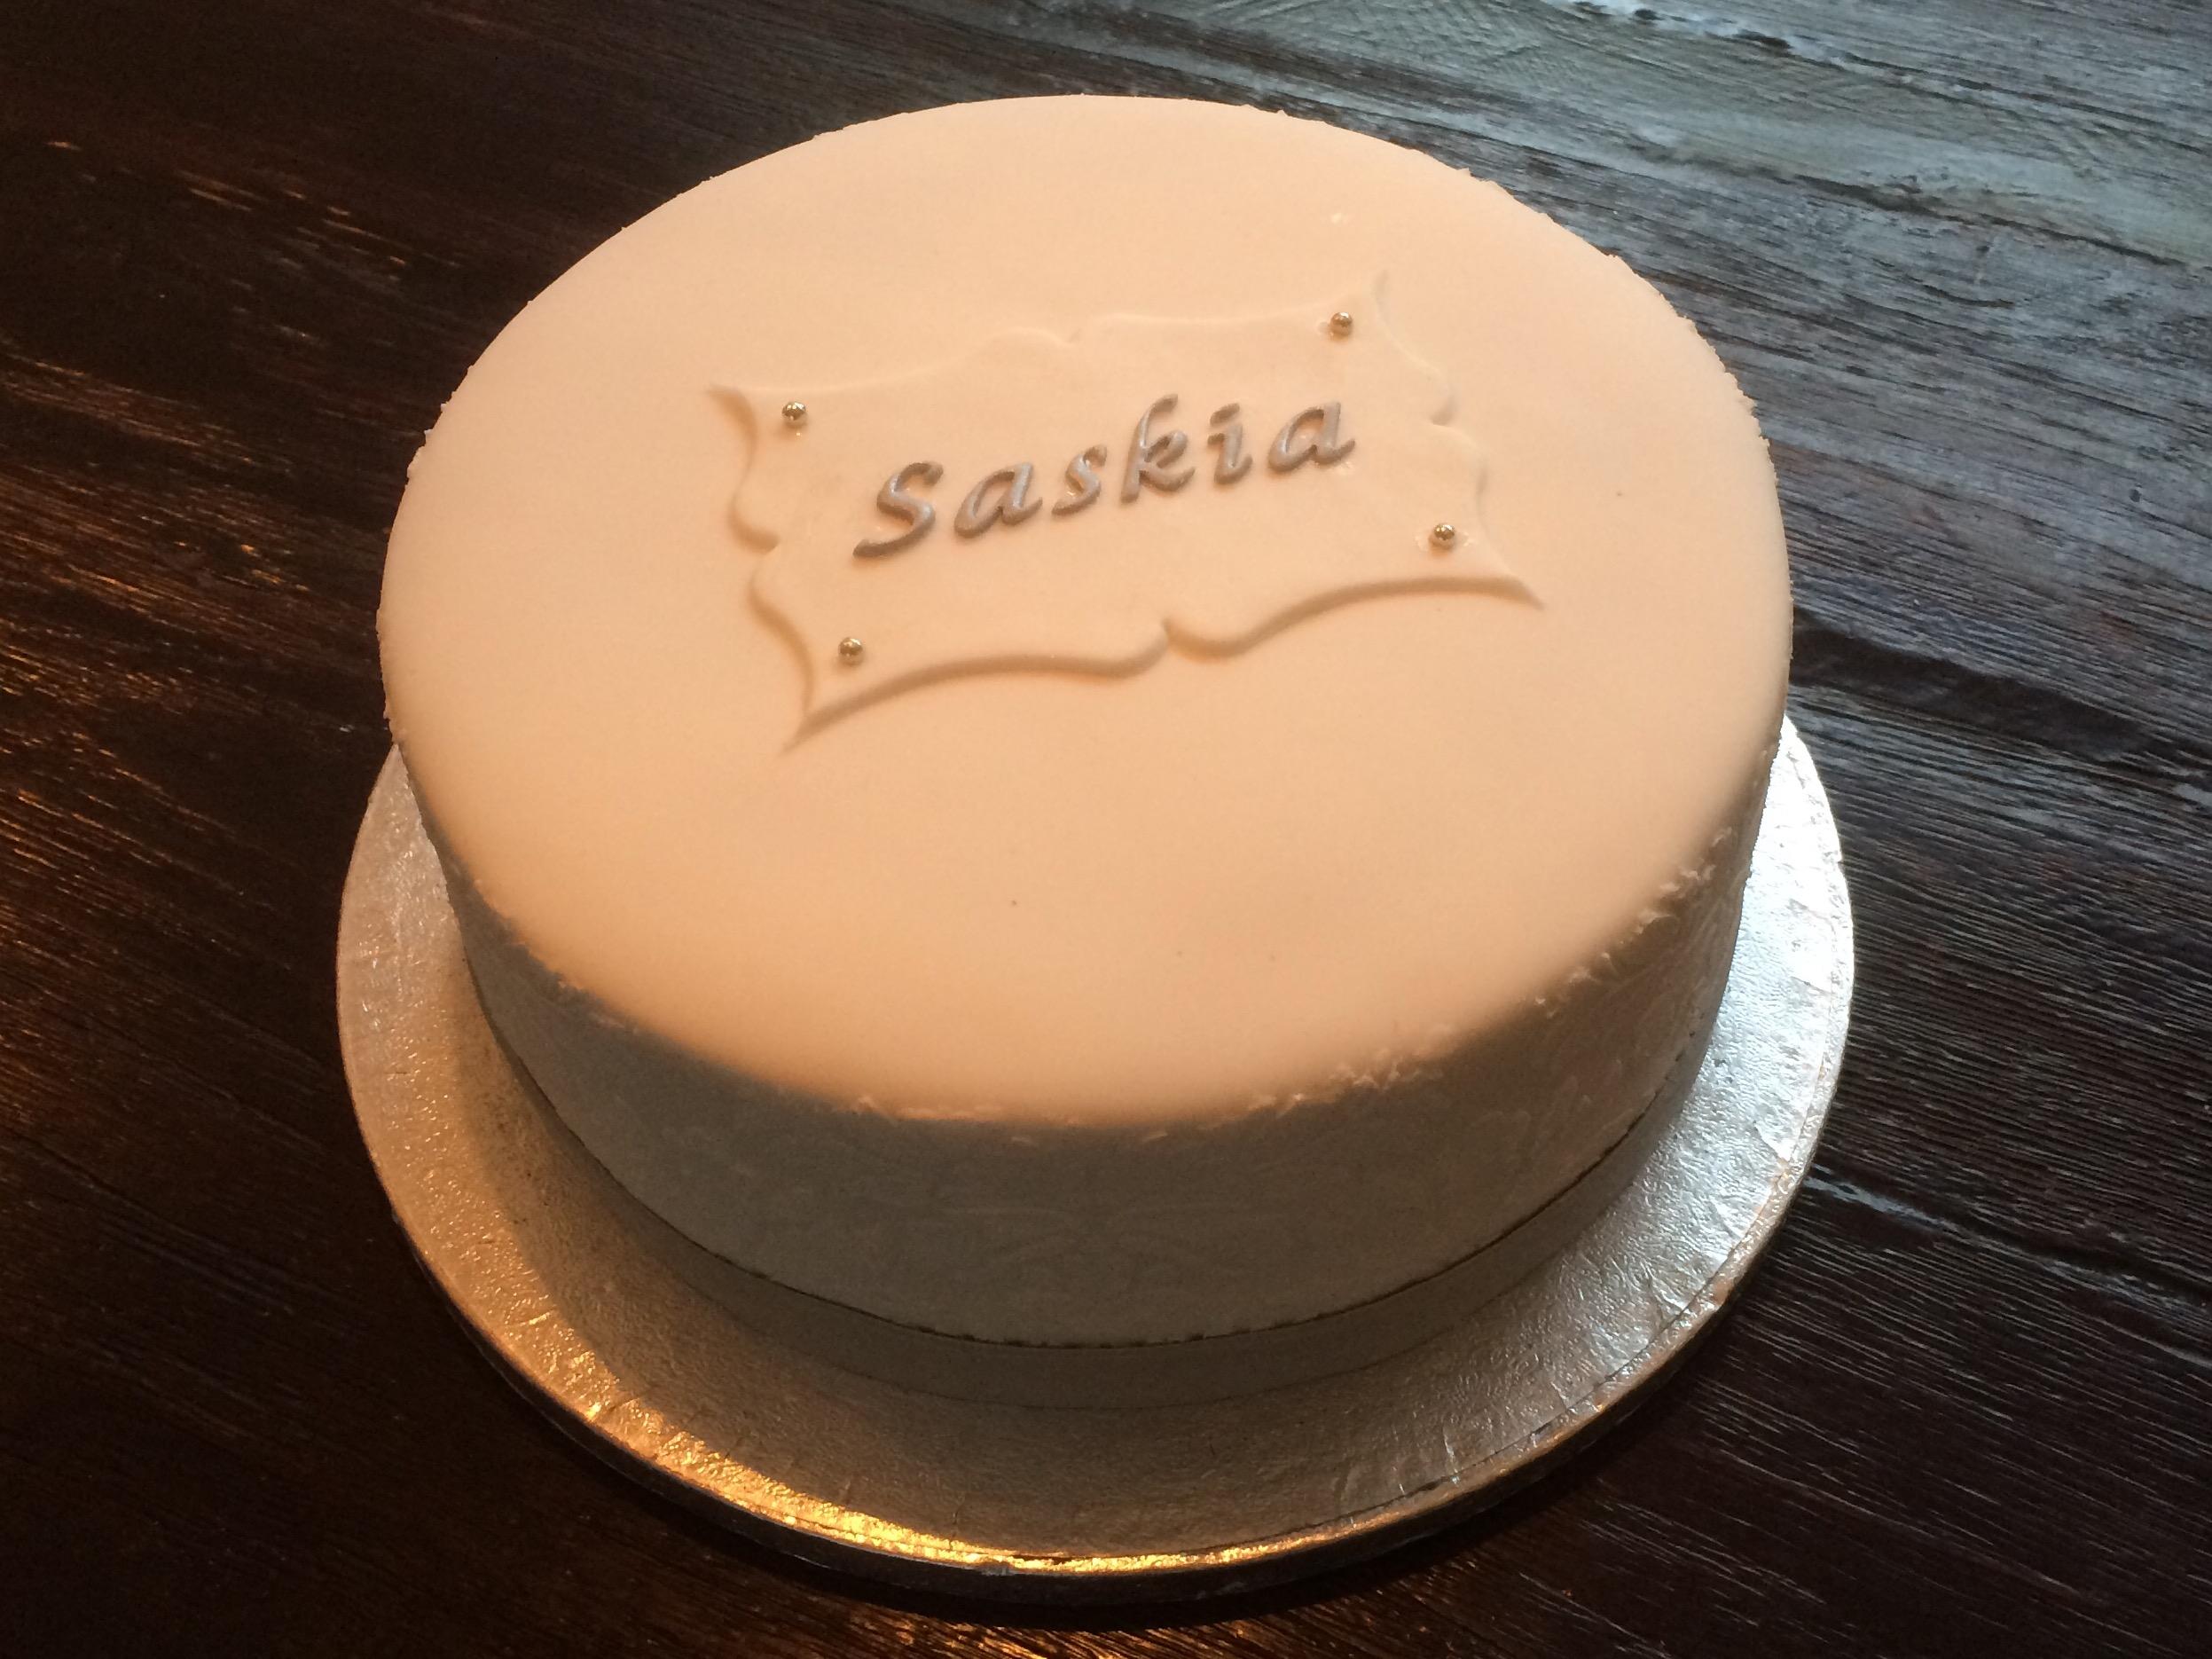 Saskia_b